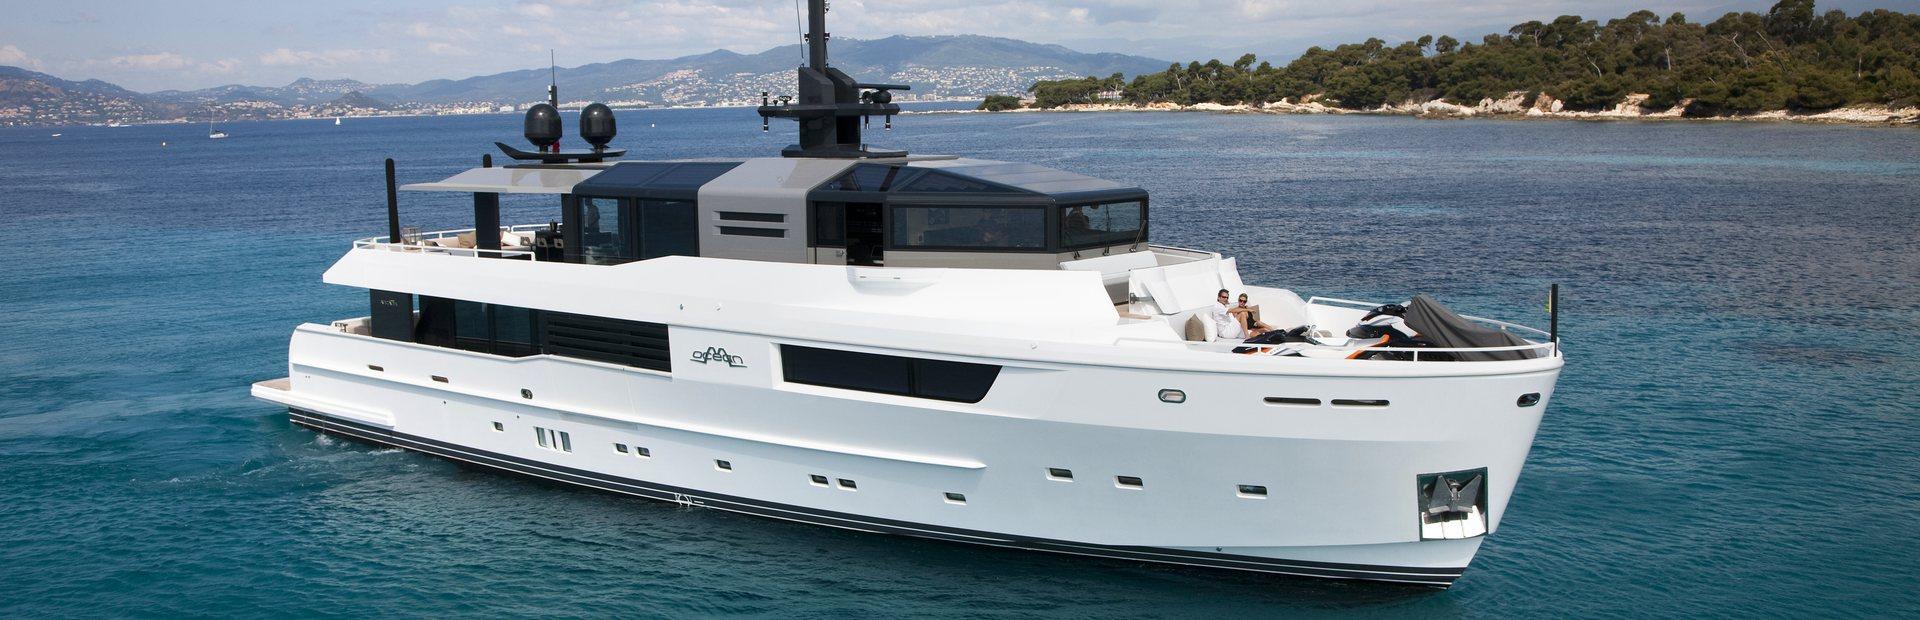 A115 Yacht Charter